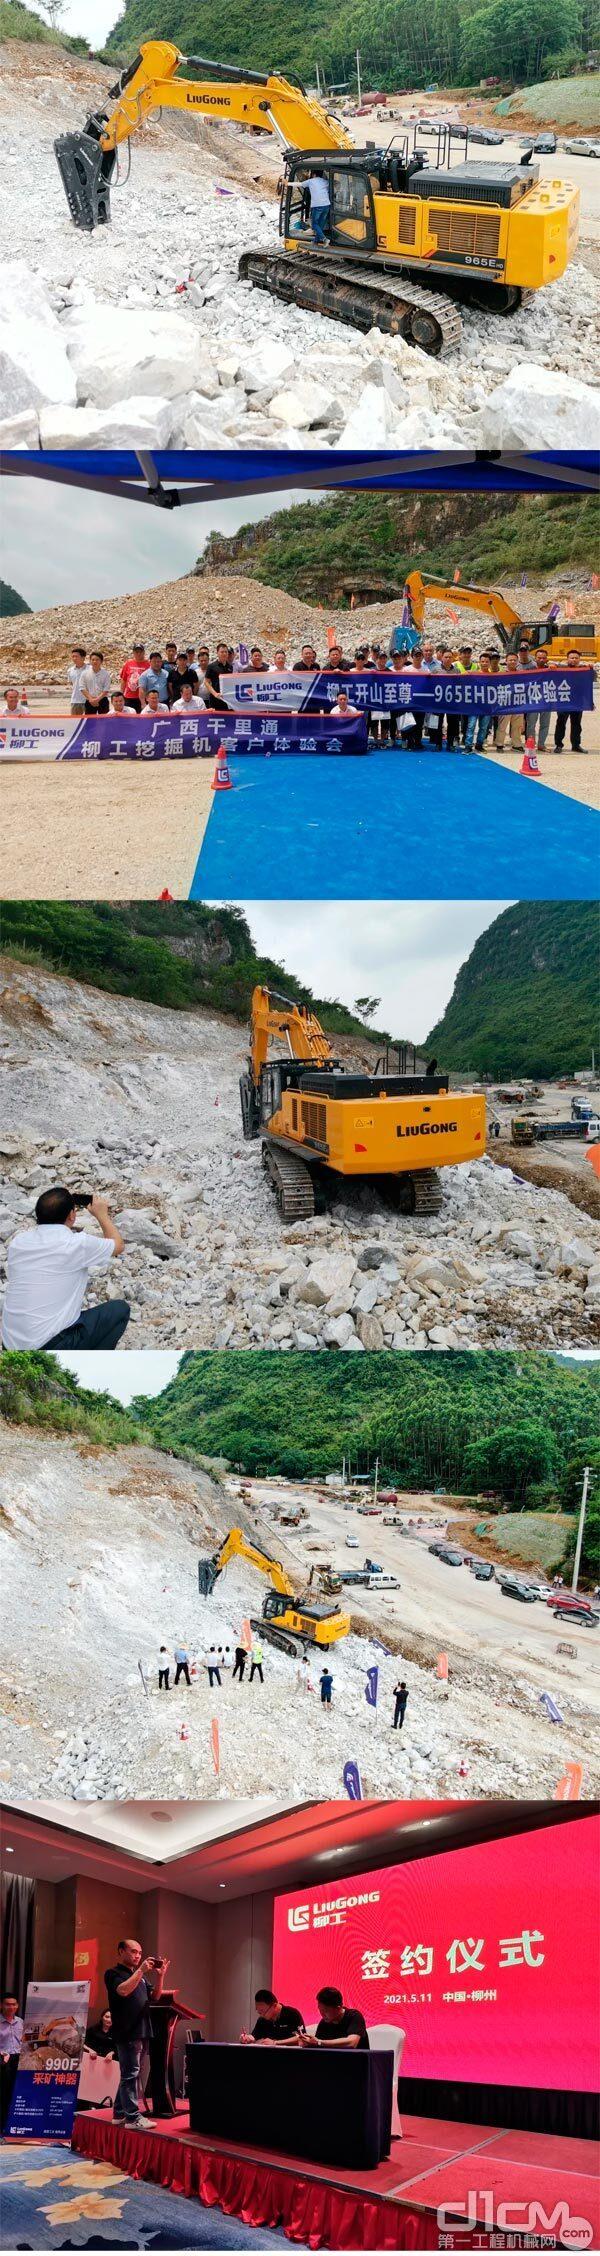 柳工CLG965EHD挖掘机走进广西